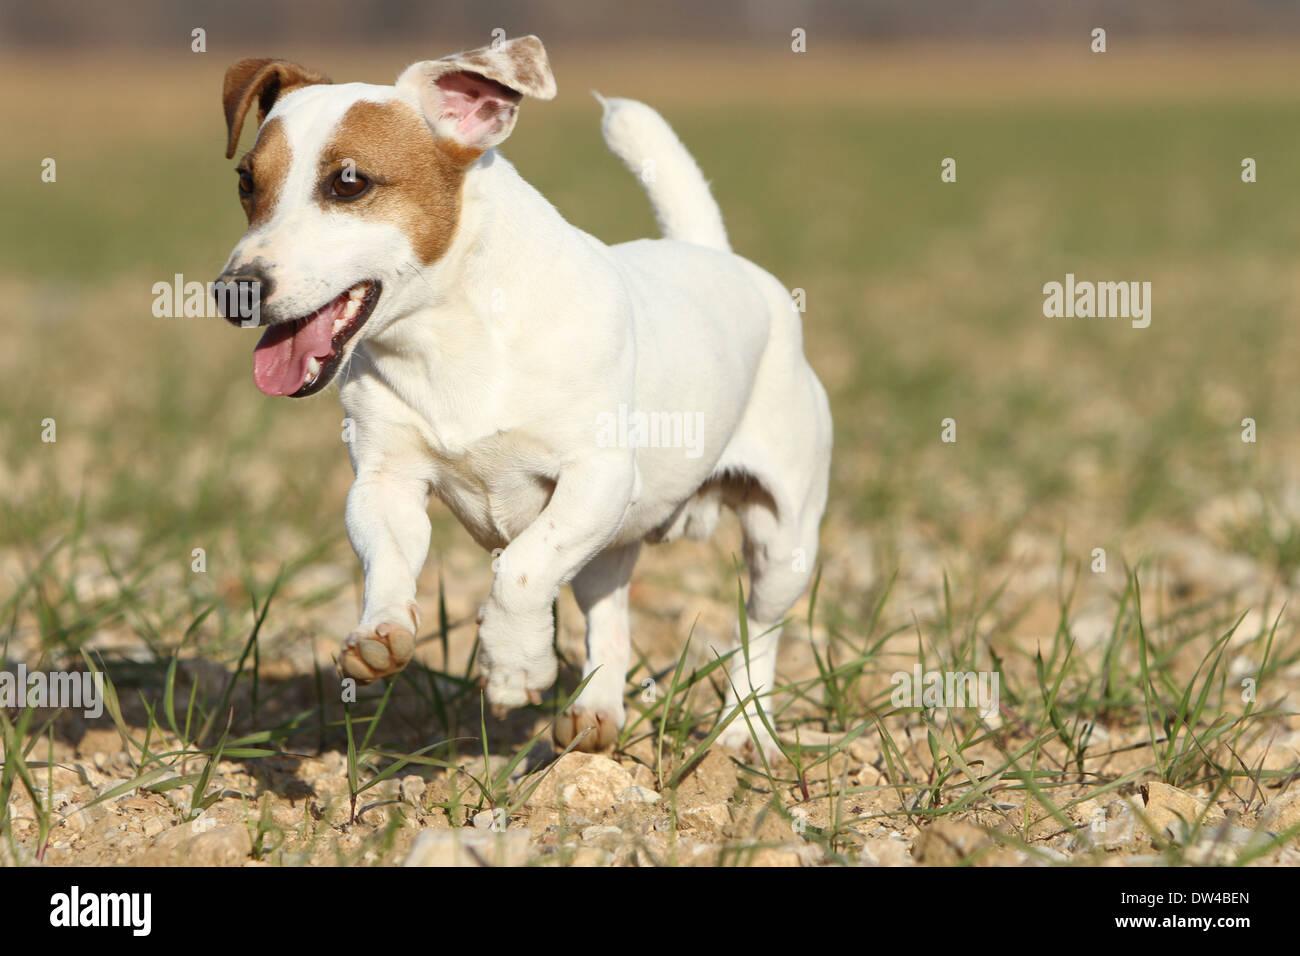 Chien Jack Russel Terrier / Adulte S'exécutant Dans Un Champ Banque D'Images, Photo Stock